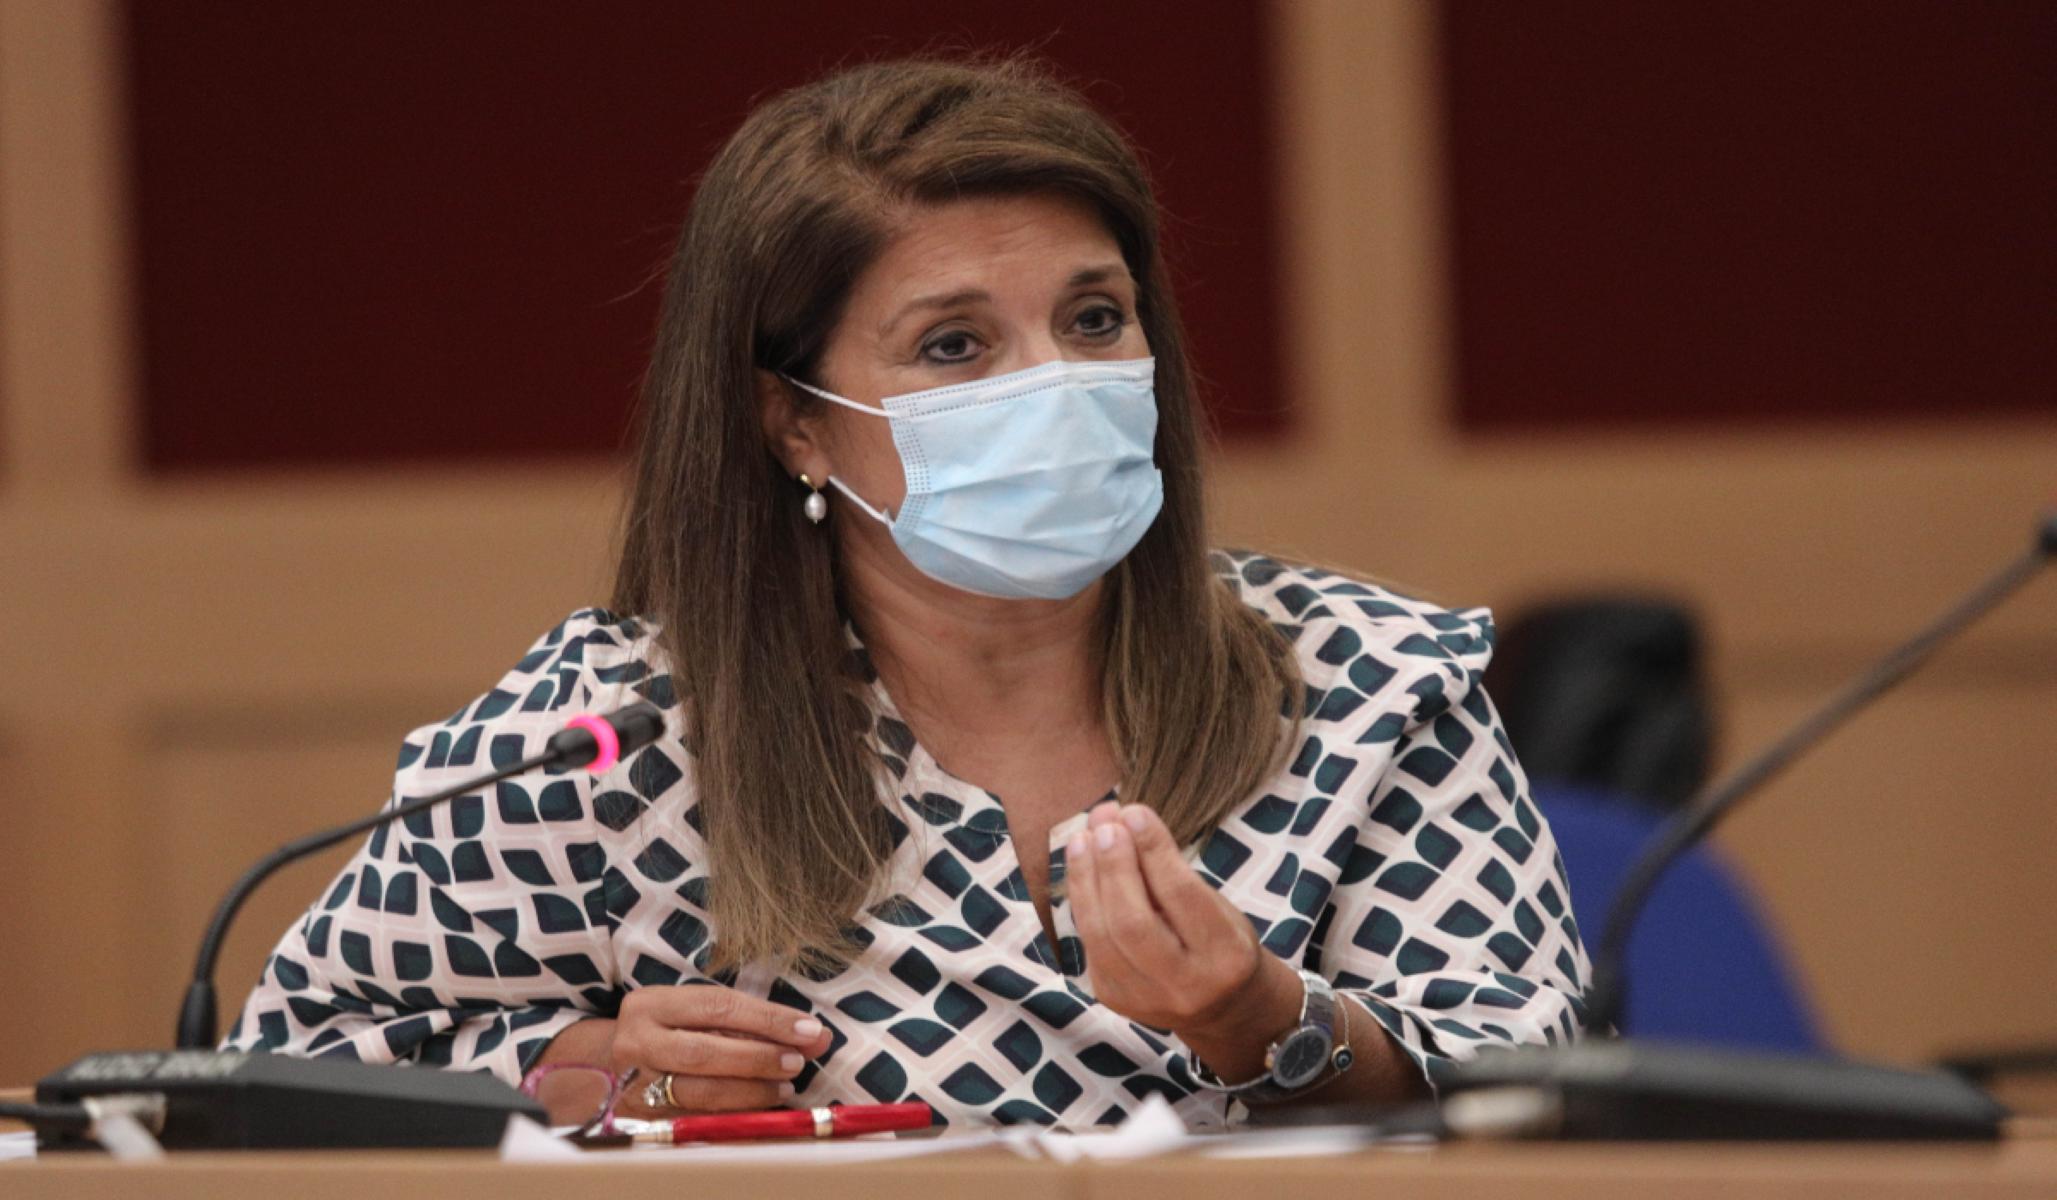 Βάνα Παπαευαγγέλου: Αναμένουμε αύξηση των εισαγωγών σε κλίνες Covid και ΜΕΘ